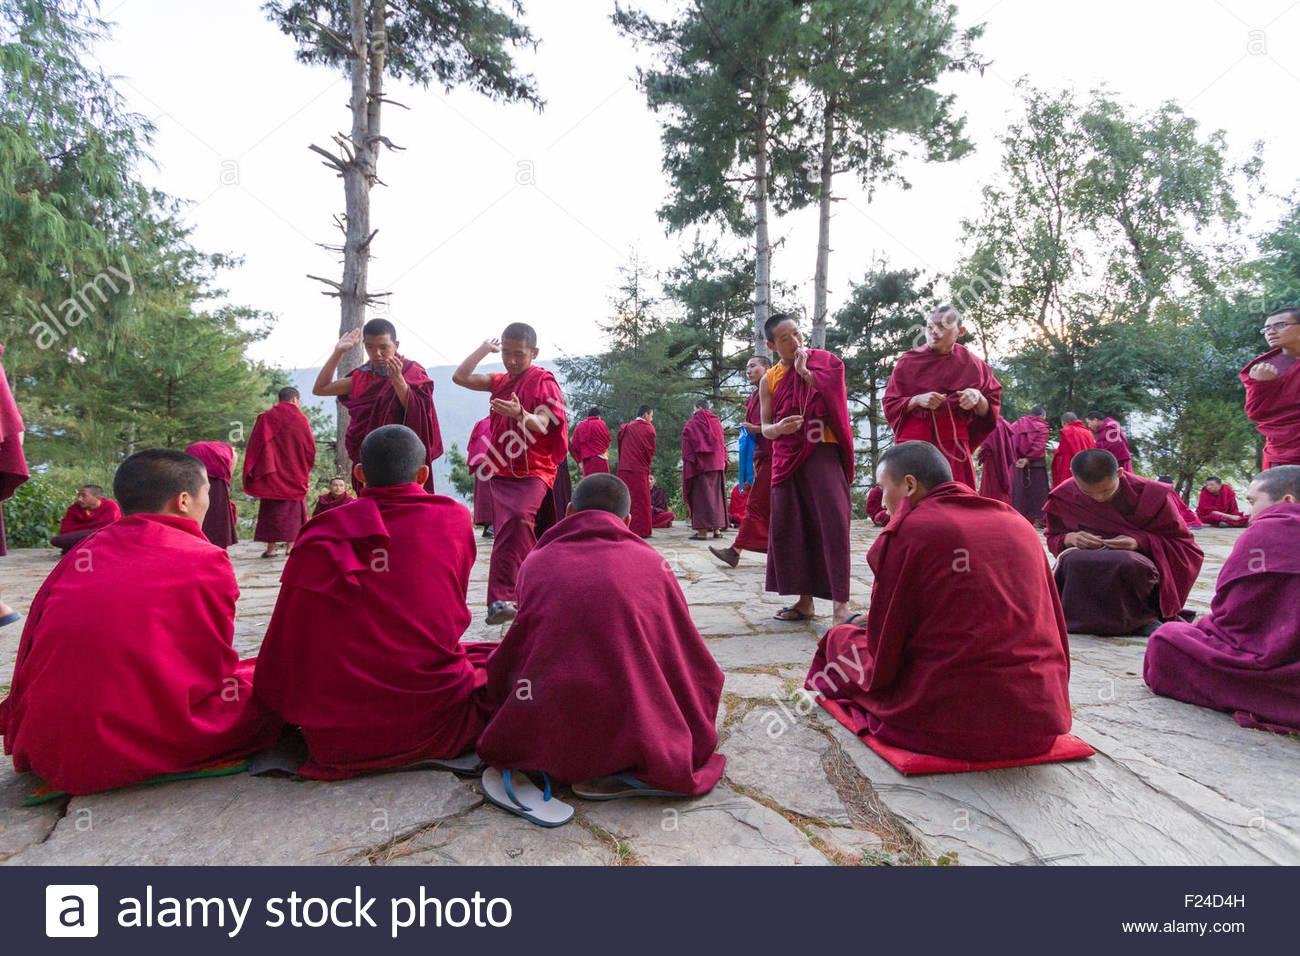 Los bhutaneses monjes budistas participar en debates filosóficos en el patio de un monasterio en Bumthang, Bhután Foto de stock